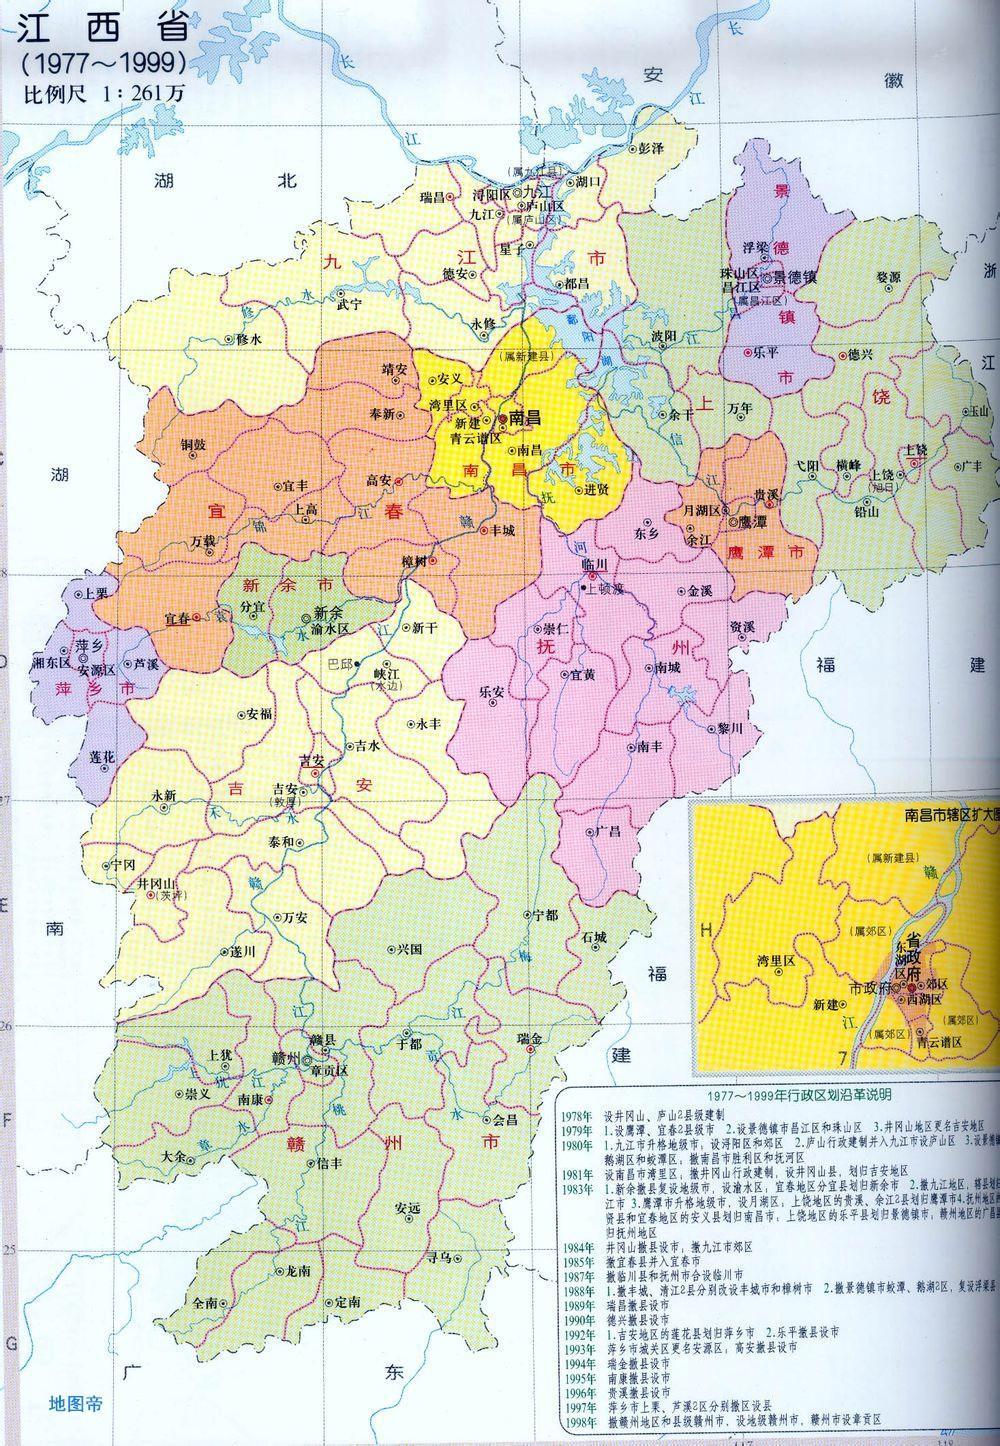 江西省全南县地图_江西省宜春市市中心,地图上为何在偏远的一角?